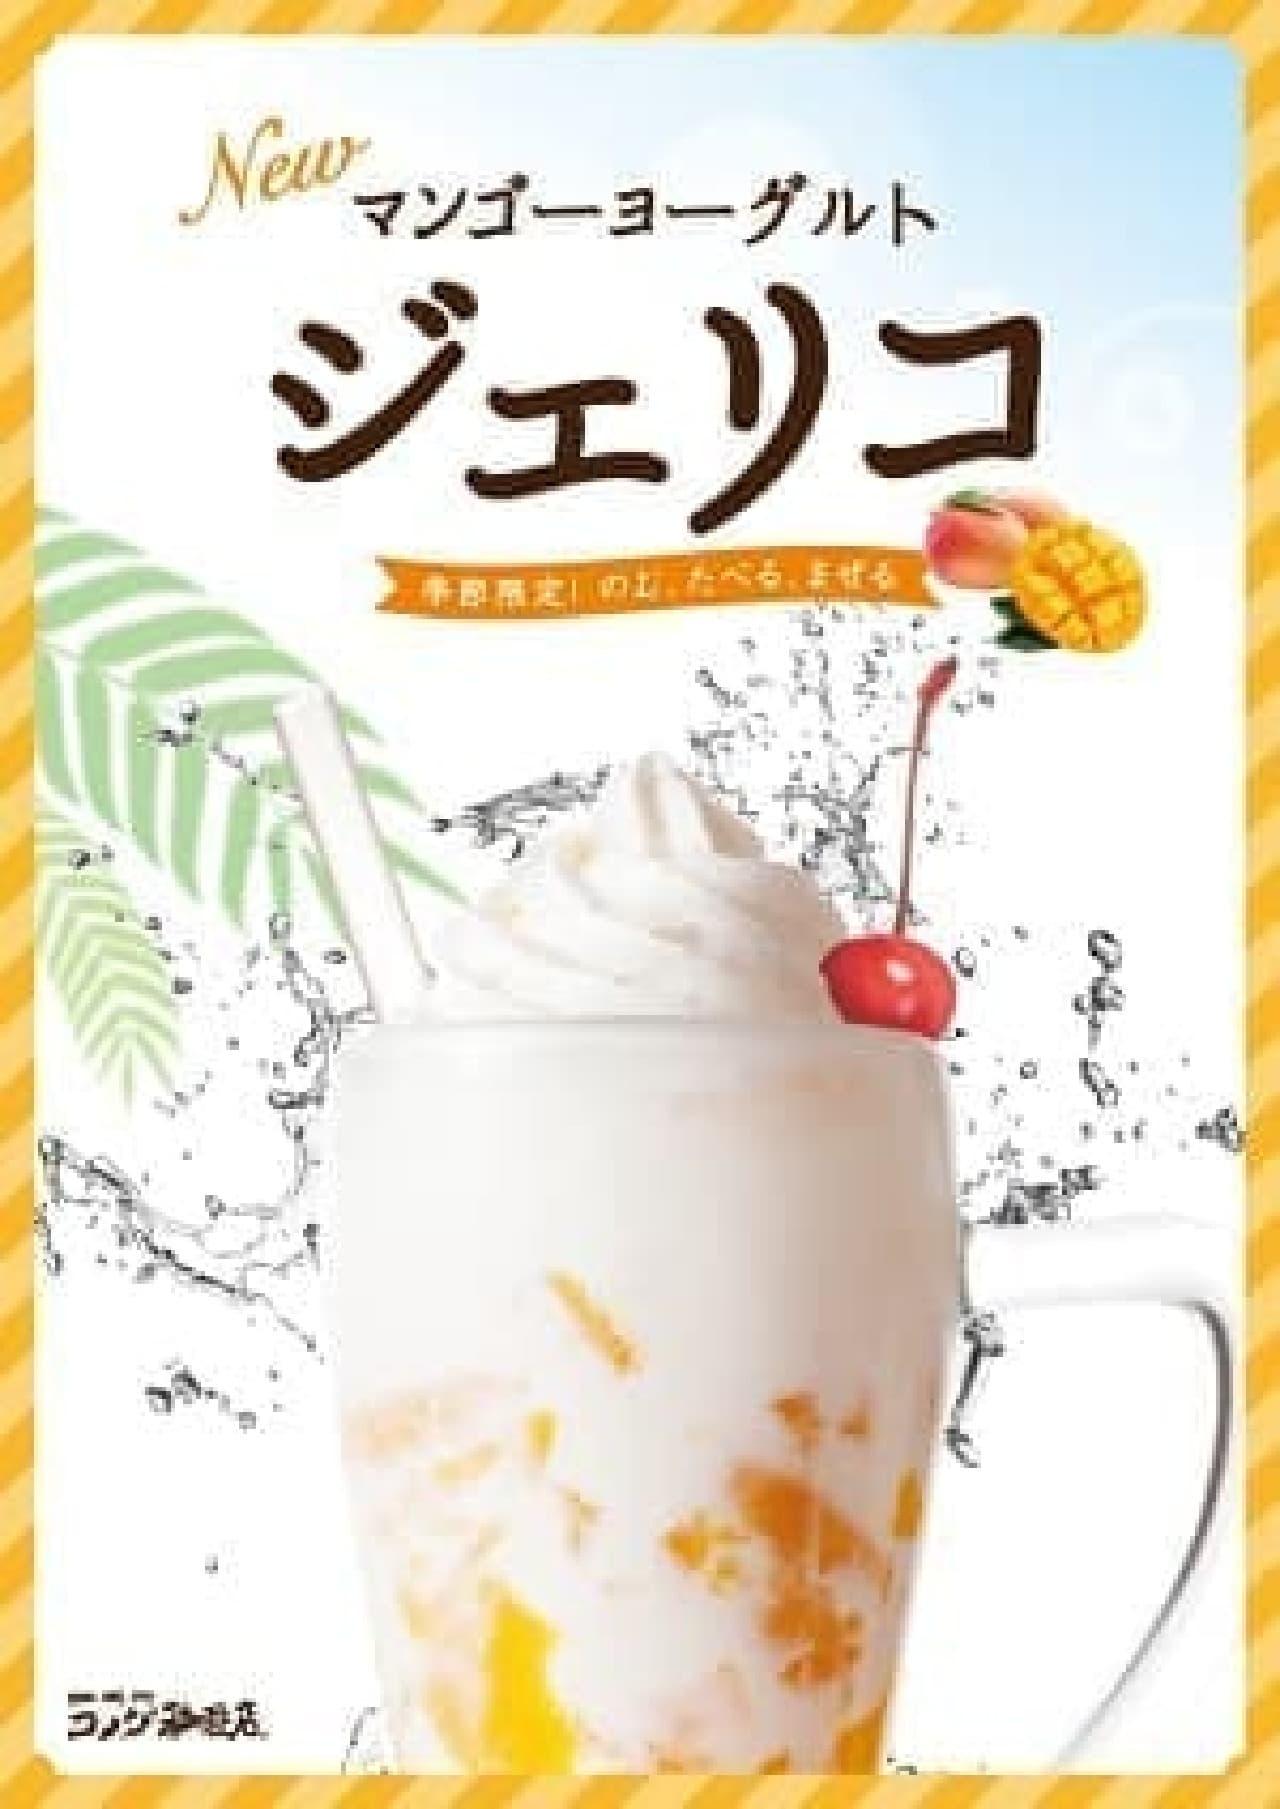 コメダ珈琲店『ジェリコ』シリーズの新フレーバー「マンゴーヨーグルト」